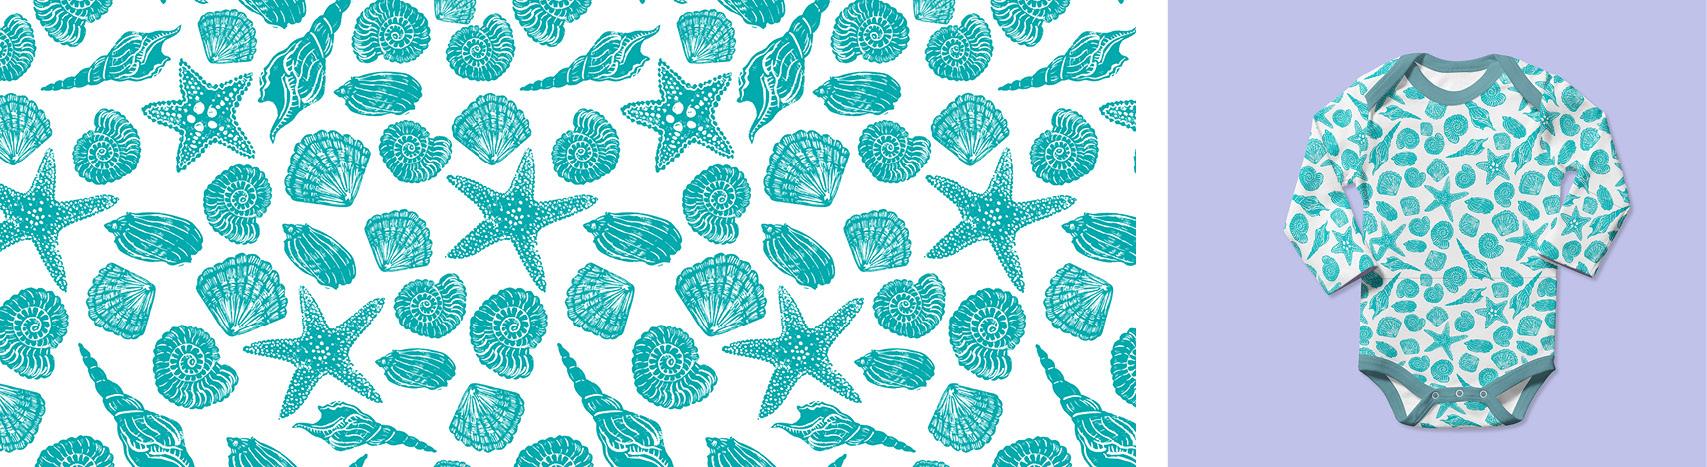 motif coquillages Florie Nguyen Van